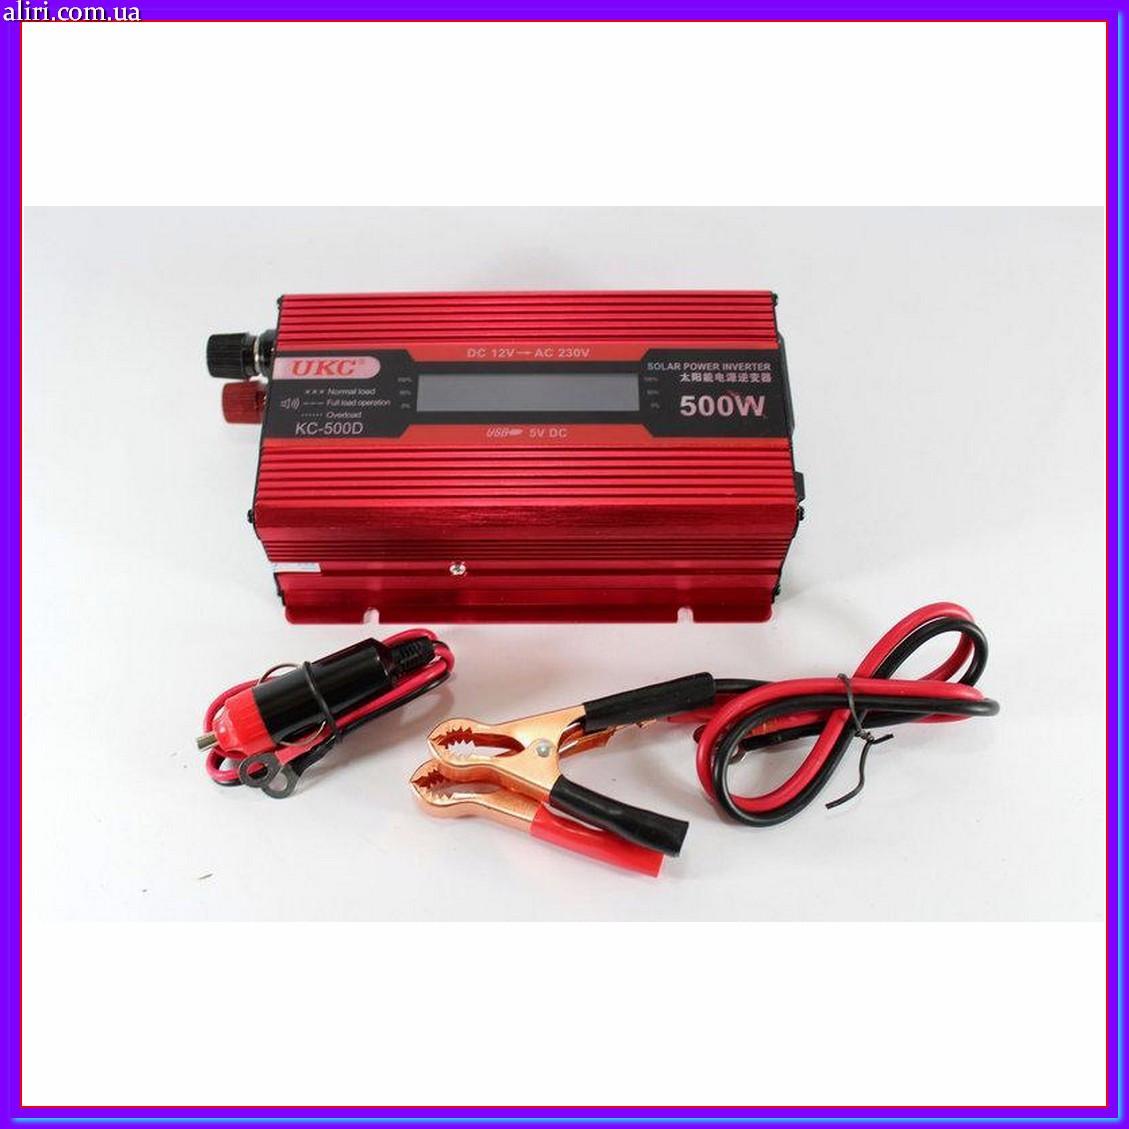 Преобразователь тока инвертор AC/DC UKC 500W KC-500D с LCD дисплеем с 12 вольт на 220 вольт